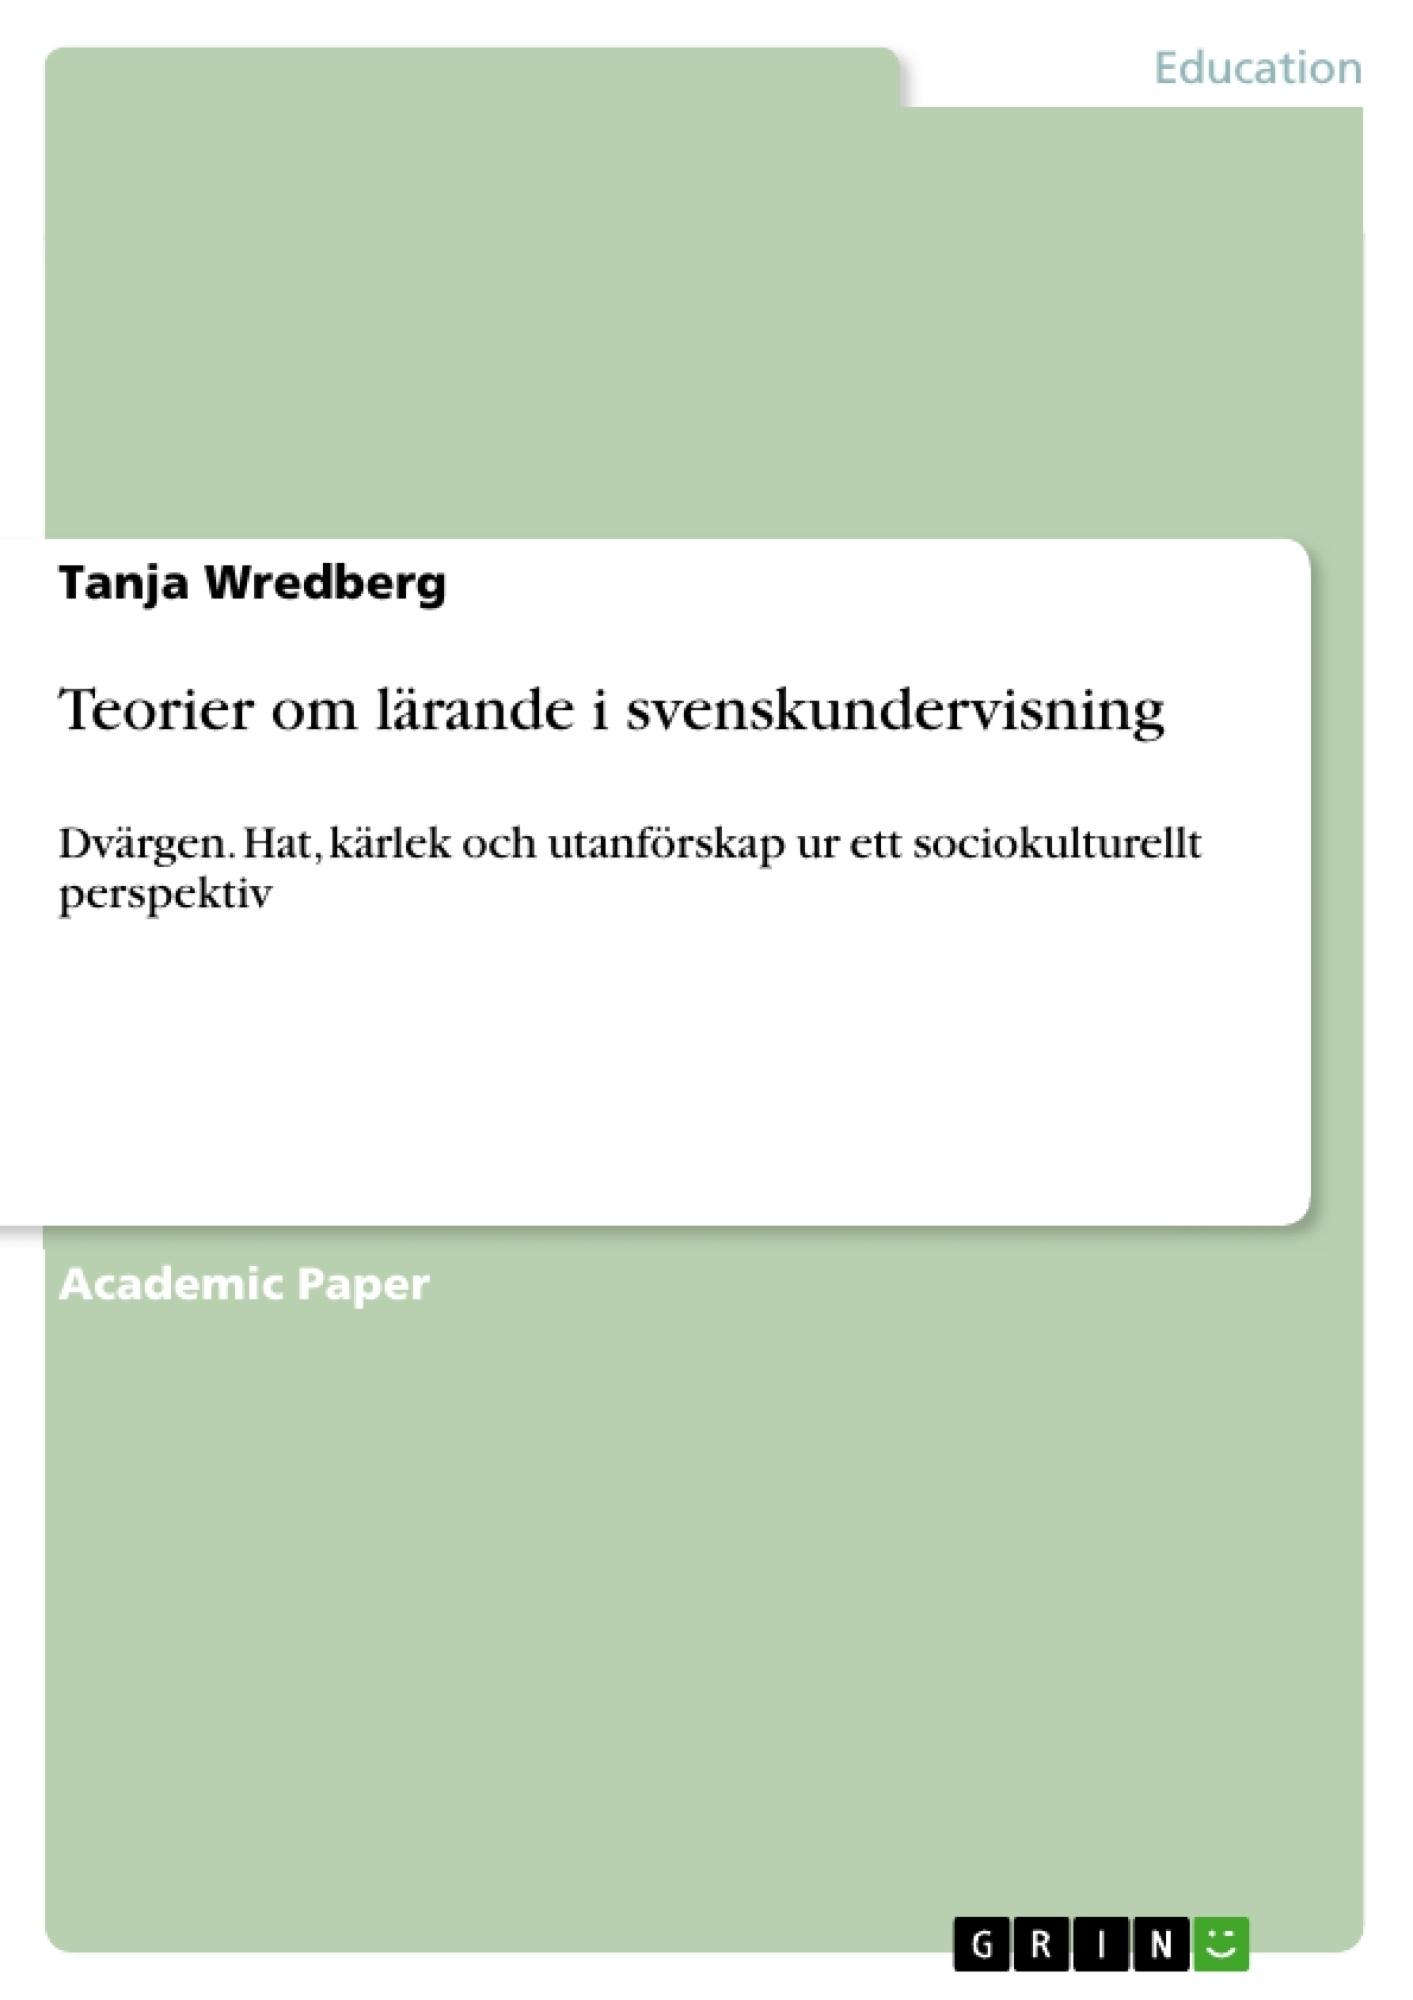 Title: Teorier om lärande i svenskundervisning